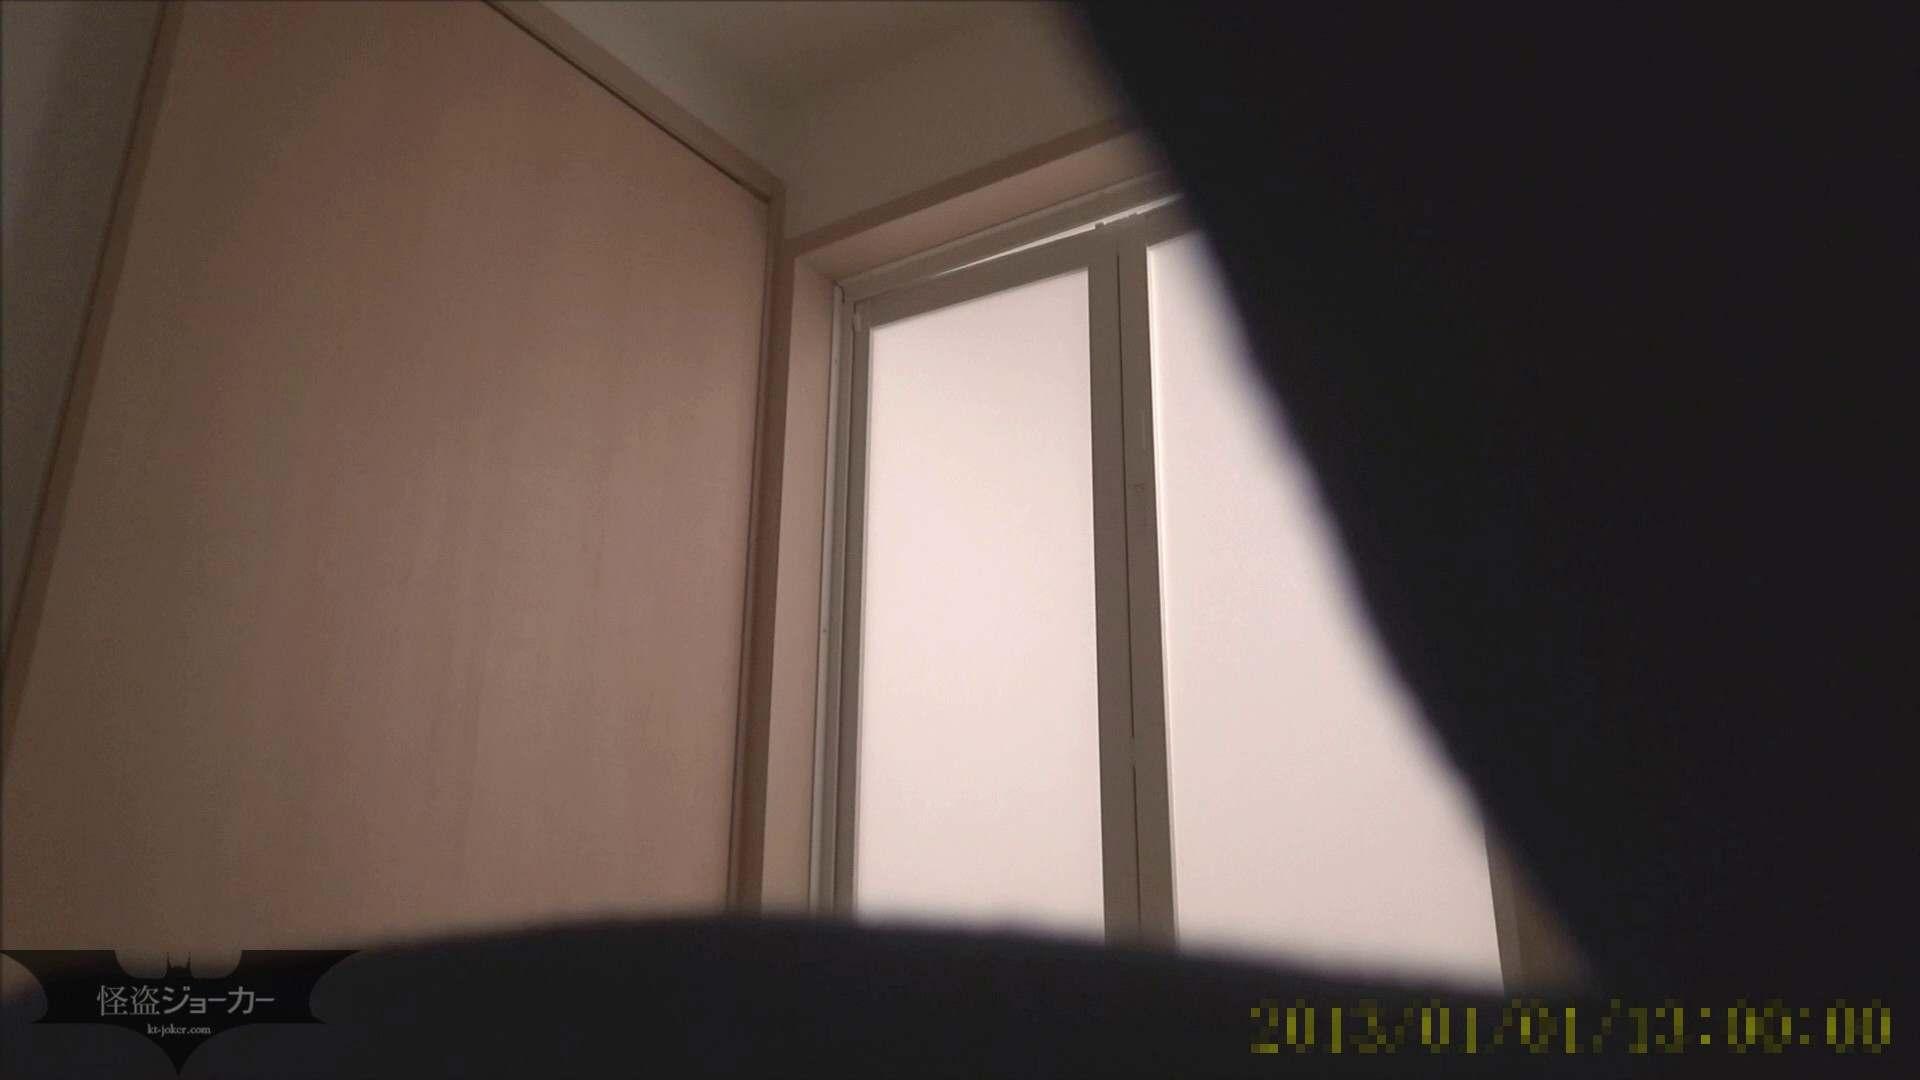 【未公開】vol.103  {黒髪→茶髪ボブに変身}美巨乳アミちゃん④【前編】